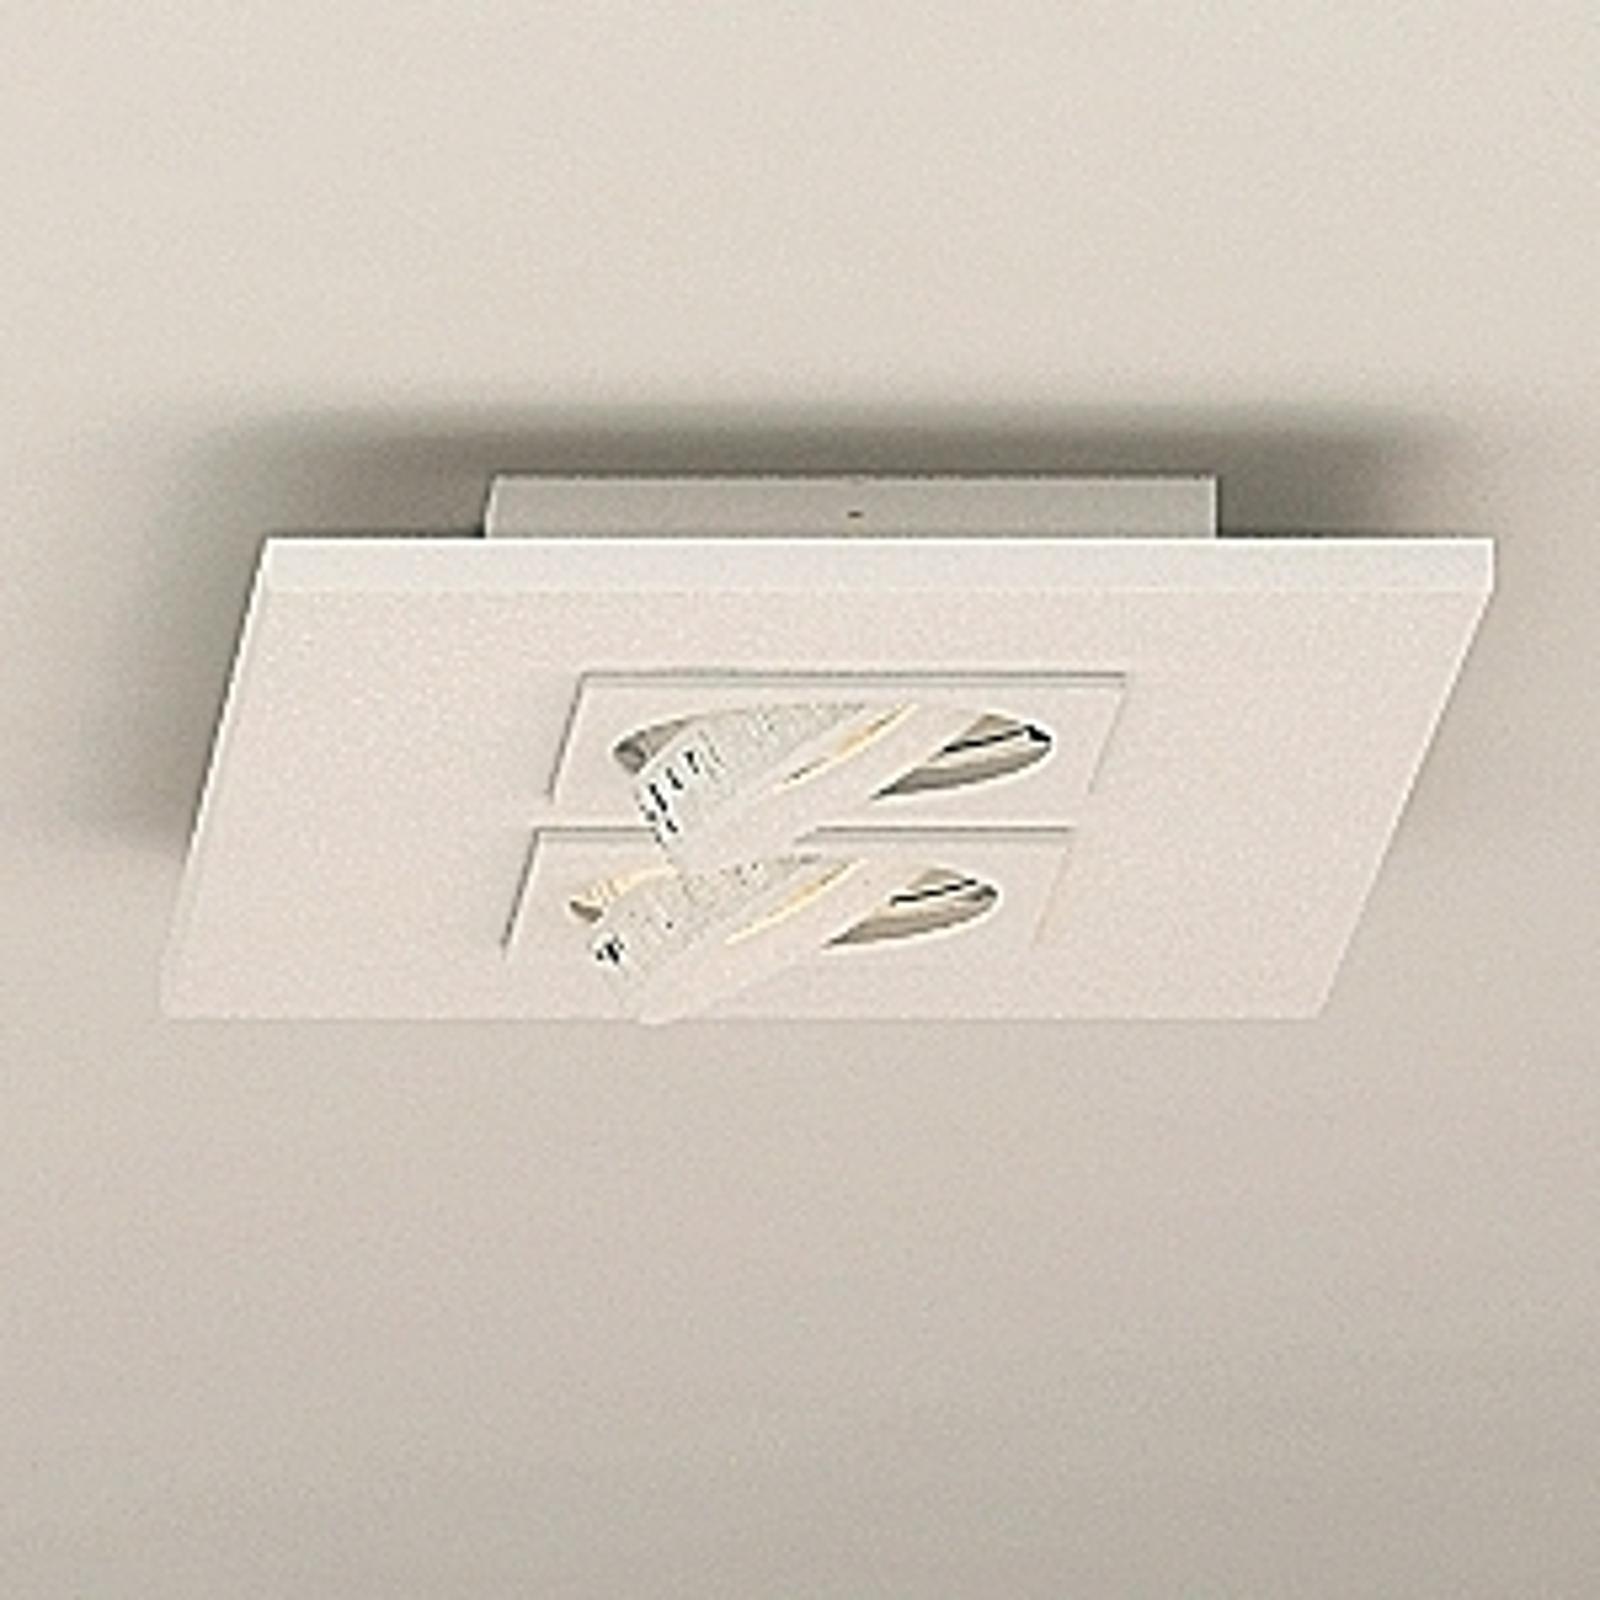 Lampa sufitowa LED MARC, 2-pkt., odchylana